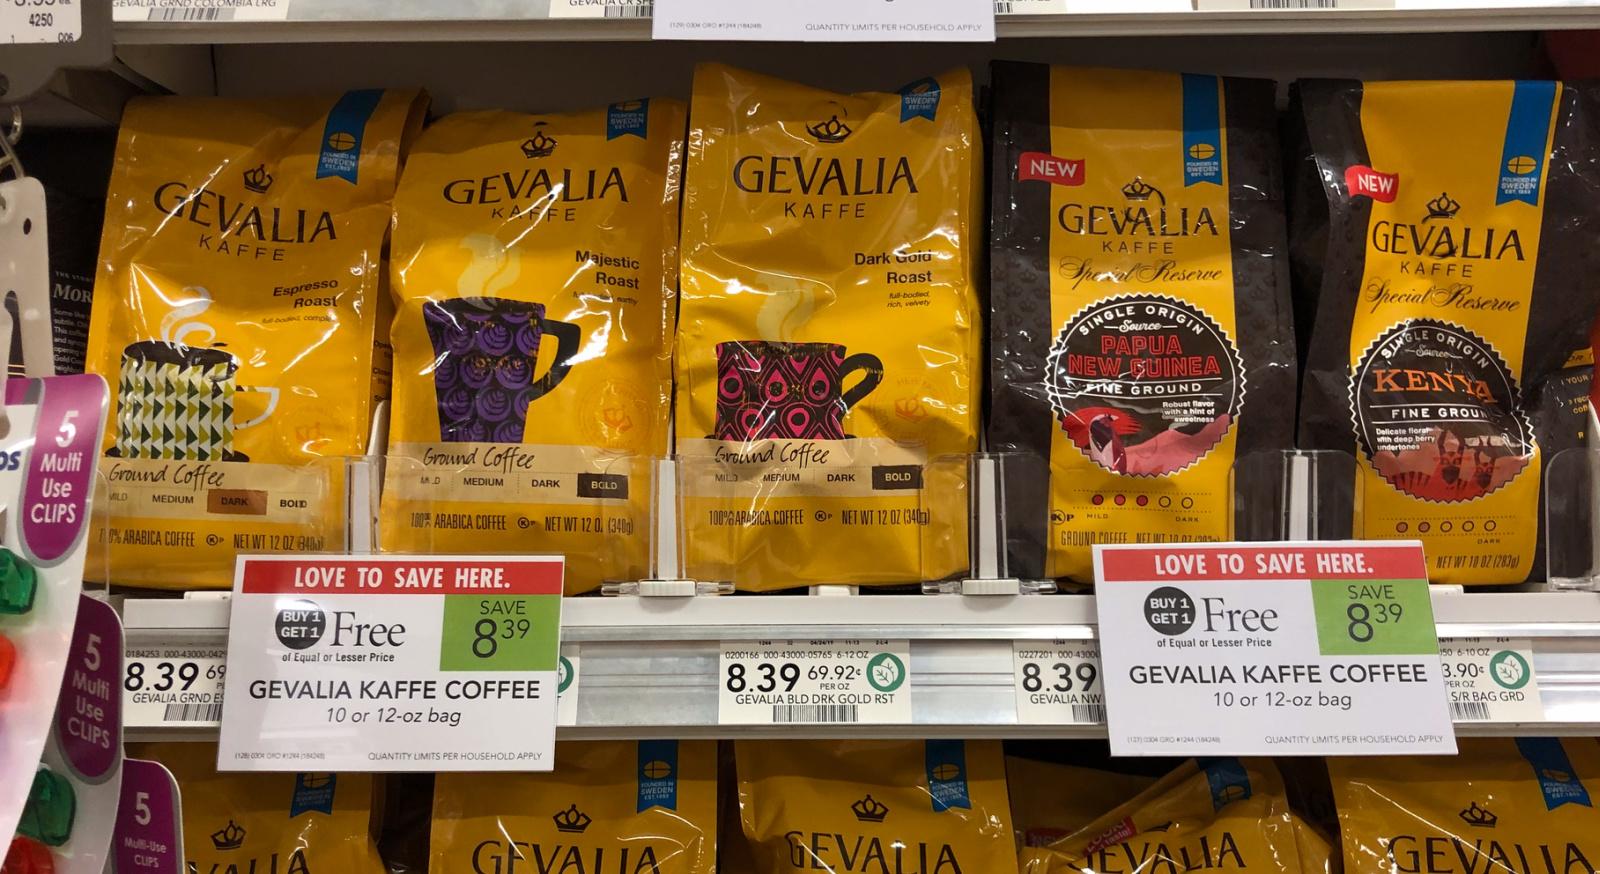 Gevalia Coffee BOGO Offer on I Heart Publix